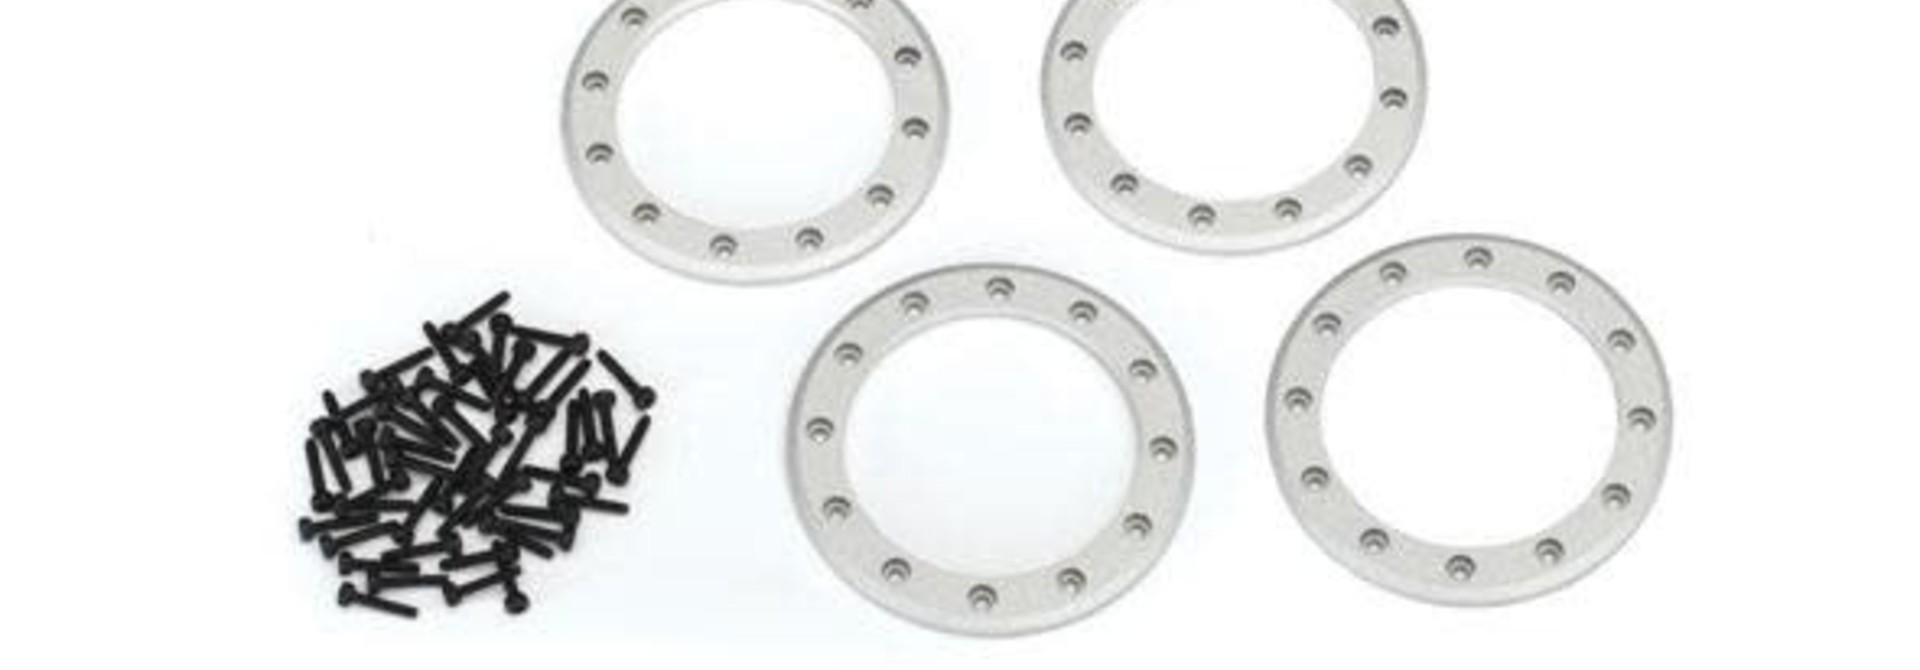 Beadlock rings, satin (2.2) (aluminum)(60mm (1)/ panhard link, 5x63mm (blue pow